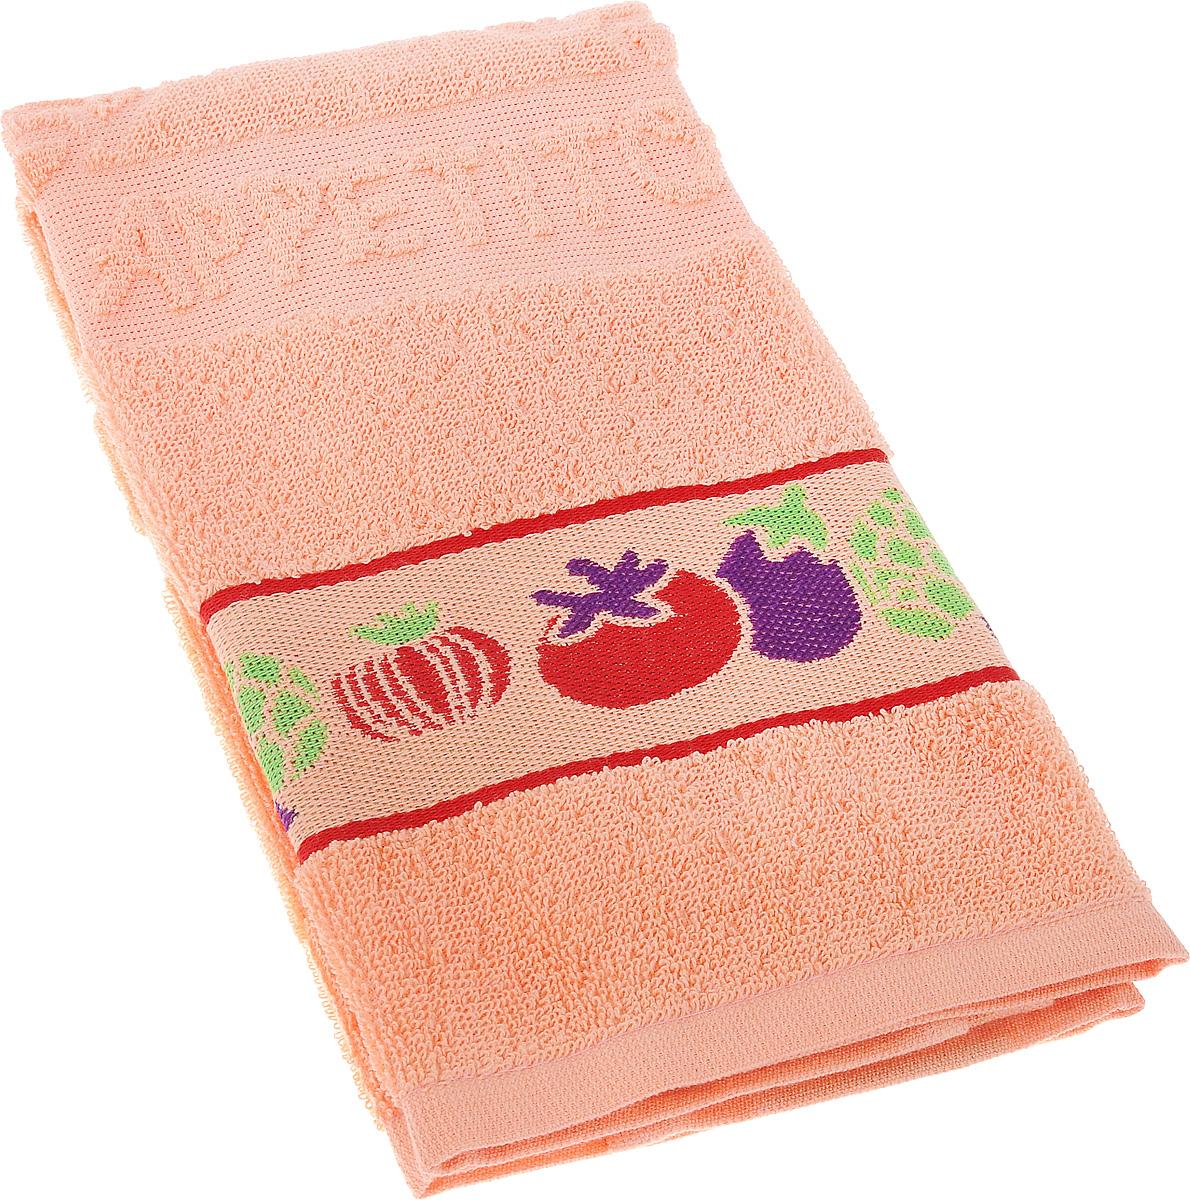 Полотенце кухонное Toalla Овощи, цвет: персиковый, 40 x 60 см00000000069Кухонное полотенце Toalla Овощи, выполненное из 100% хлопка, оформлено ярким рисунком. Изделие предназначено для использования на кухне и в столовой. Такое полотенце станет отличным вариантом для практичной и современной хозяйки.